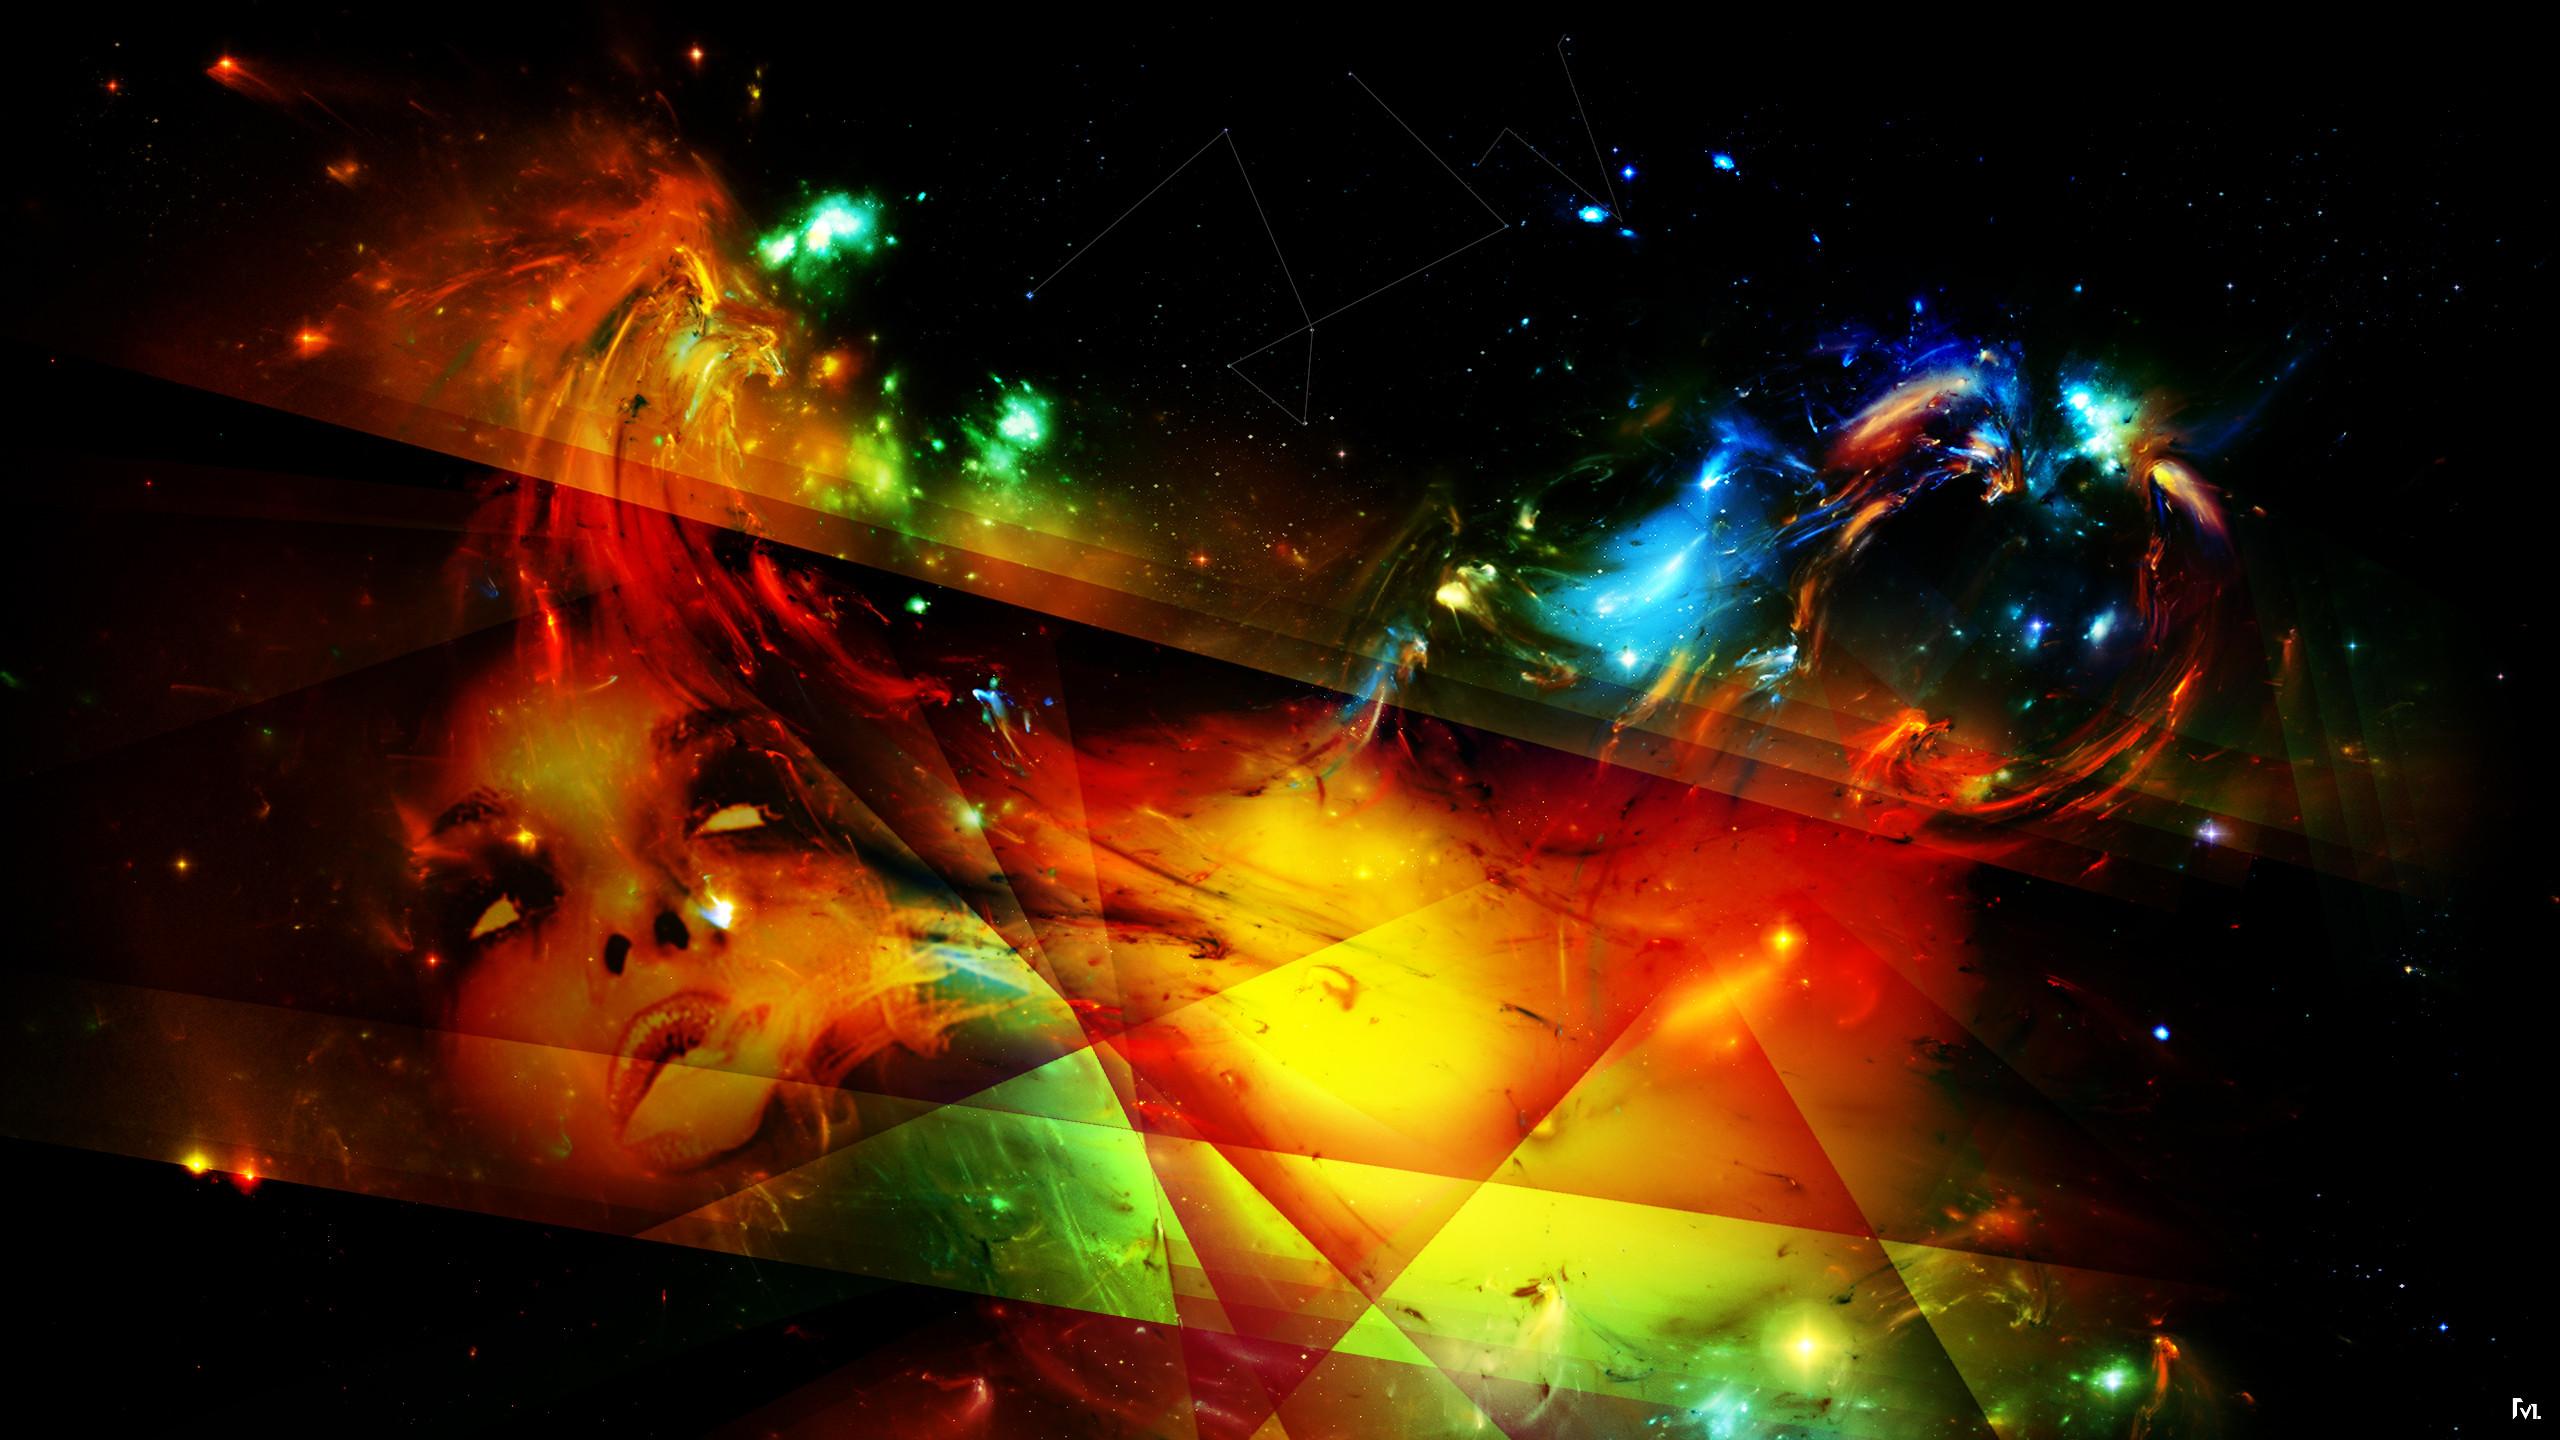 Abstract Art Desktop Wallpapers Widescreen 2560x1440